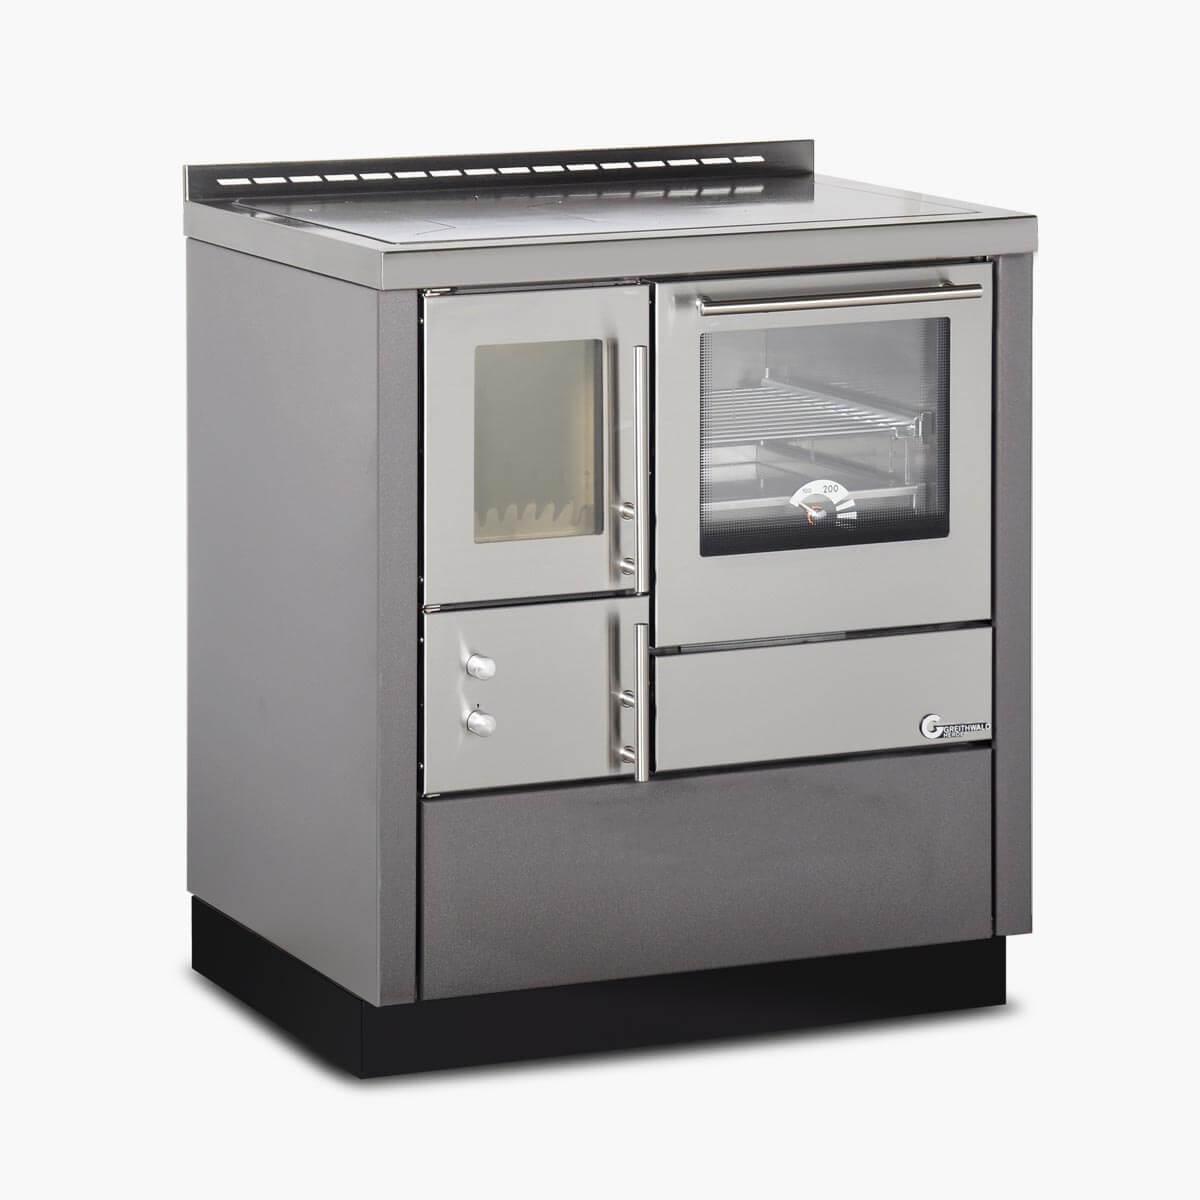 Greithwald Cucina modello Cucina modello Öko Easy 75